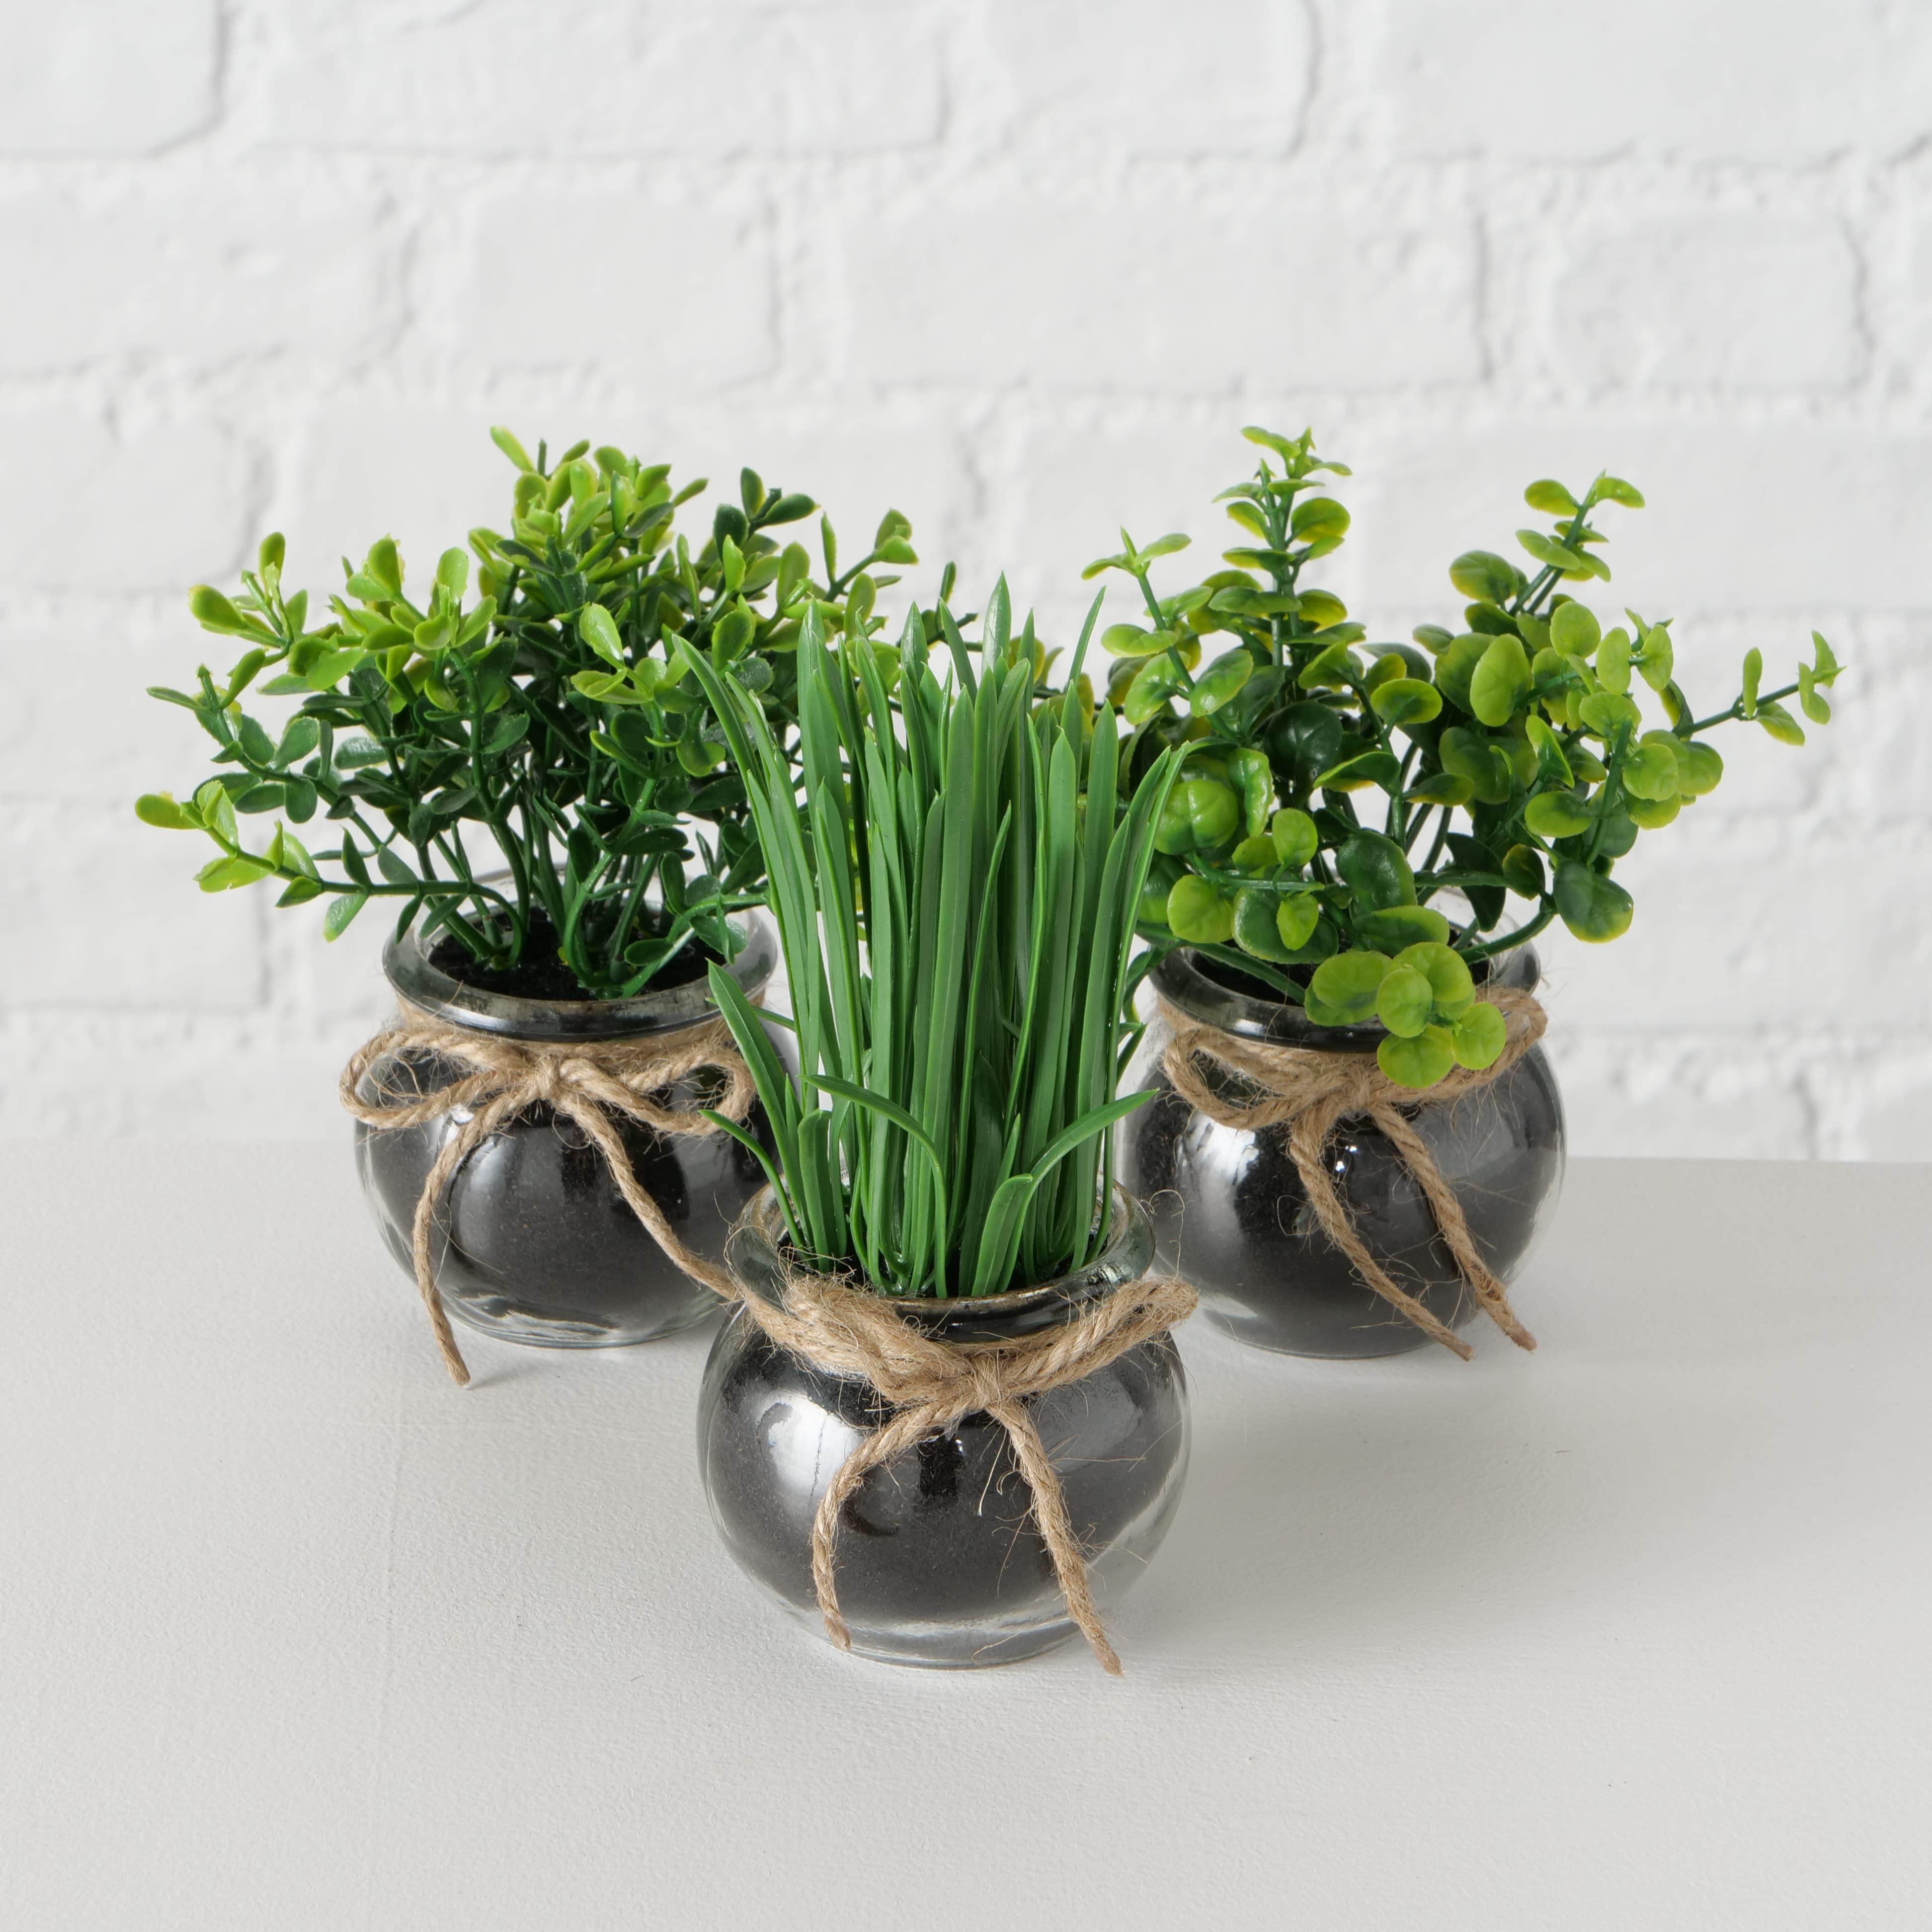 Aranjament decorativ cu plante artificiale Succulent II Verde, Modele Asortate, Ø13xH15 cm